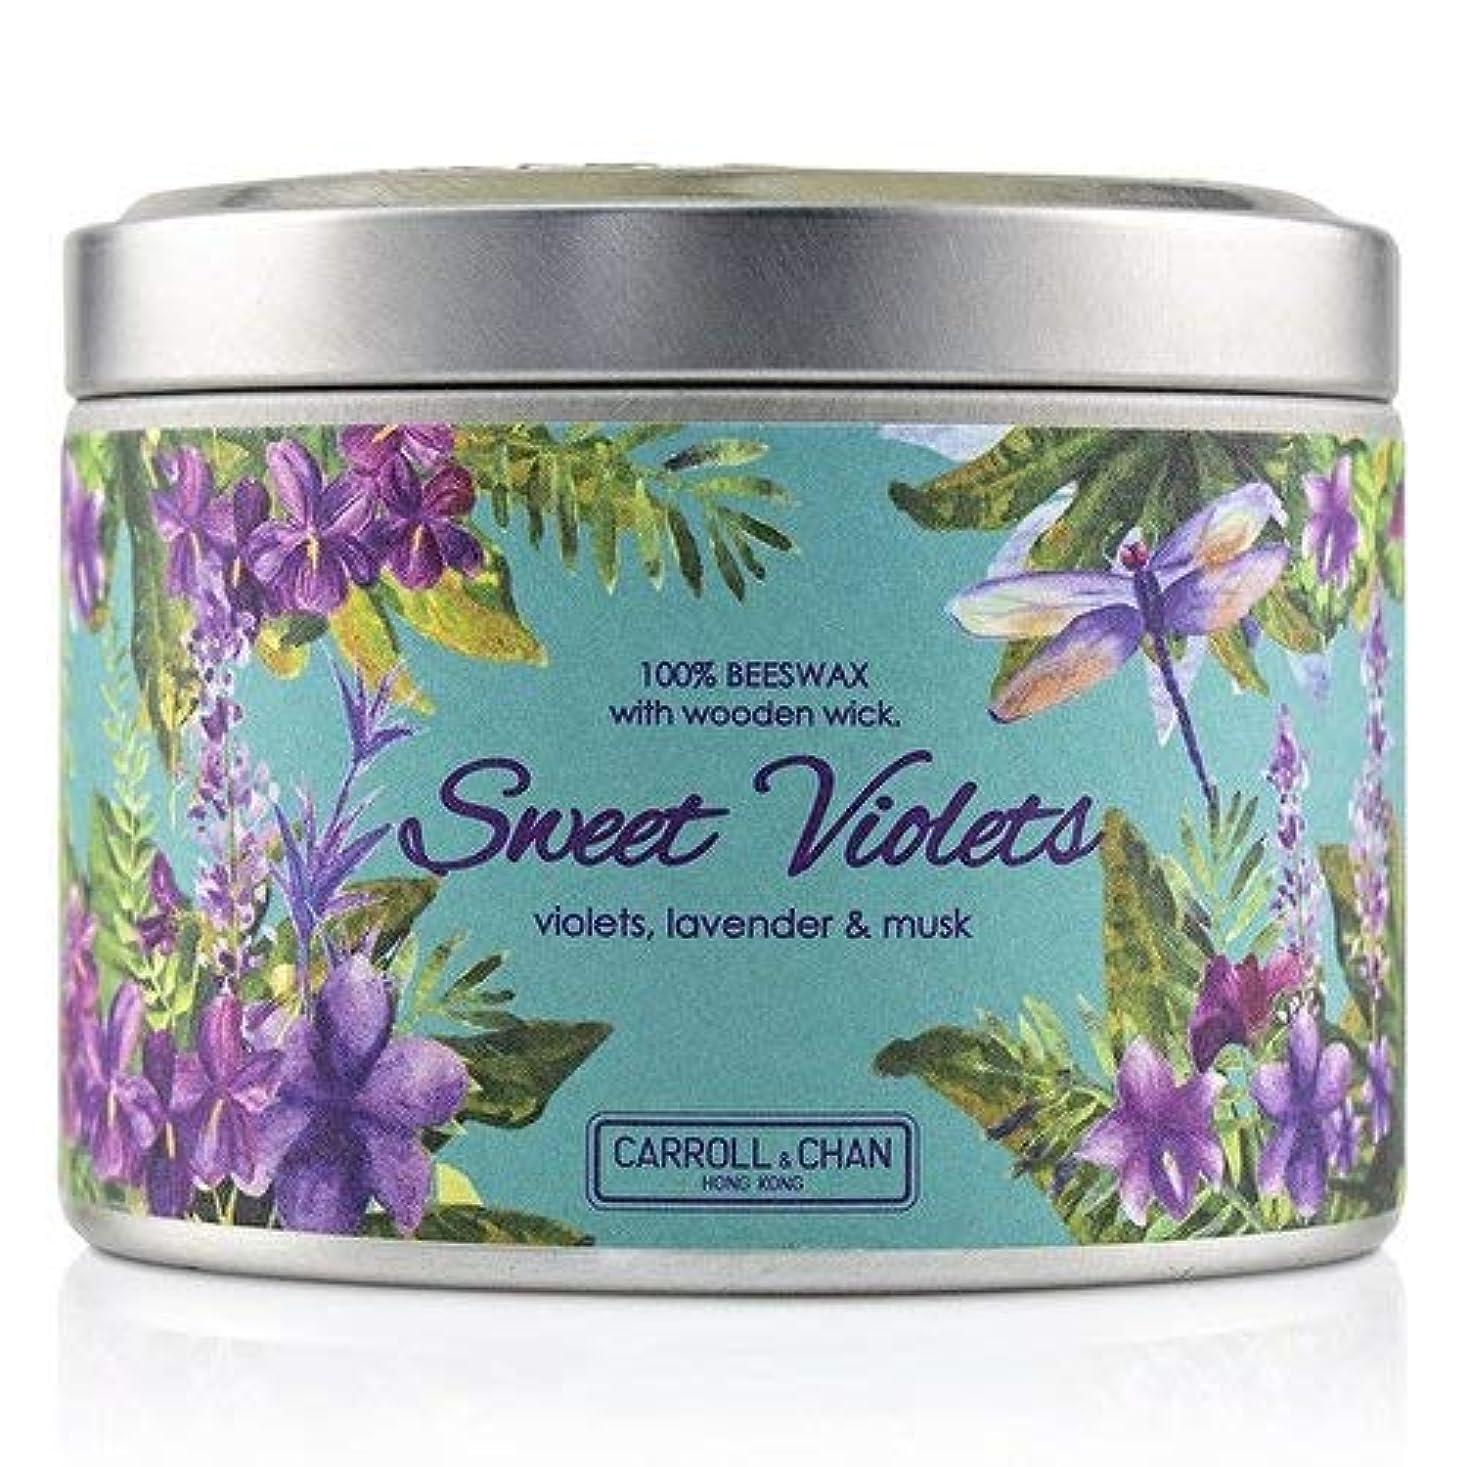 悪用抑圧マトリックスキャンドル?カンパニー Tin Can 100% Beeswax Candle with Wooden Wick - Sweet Violets (8x5) cm並行輸入品